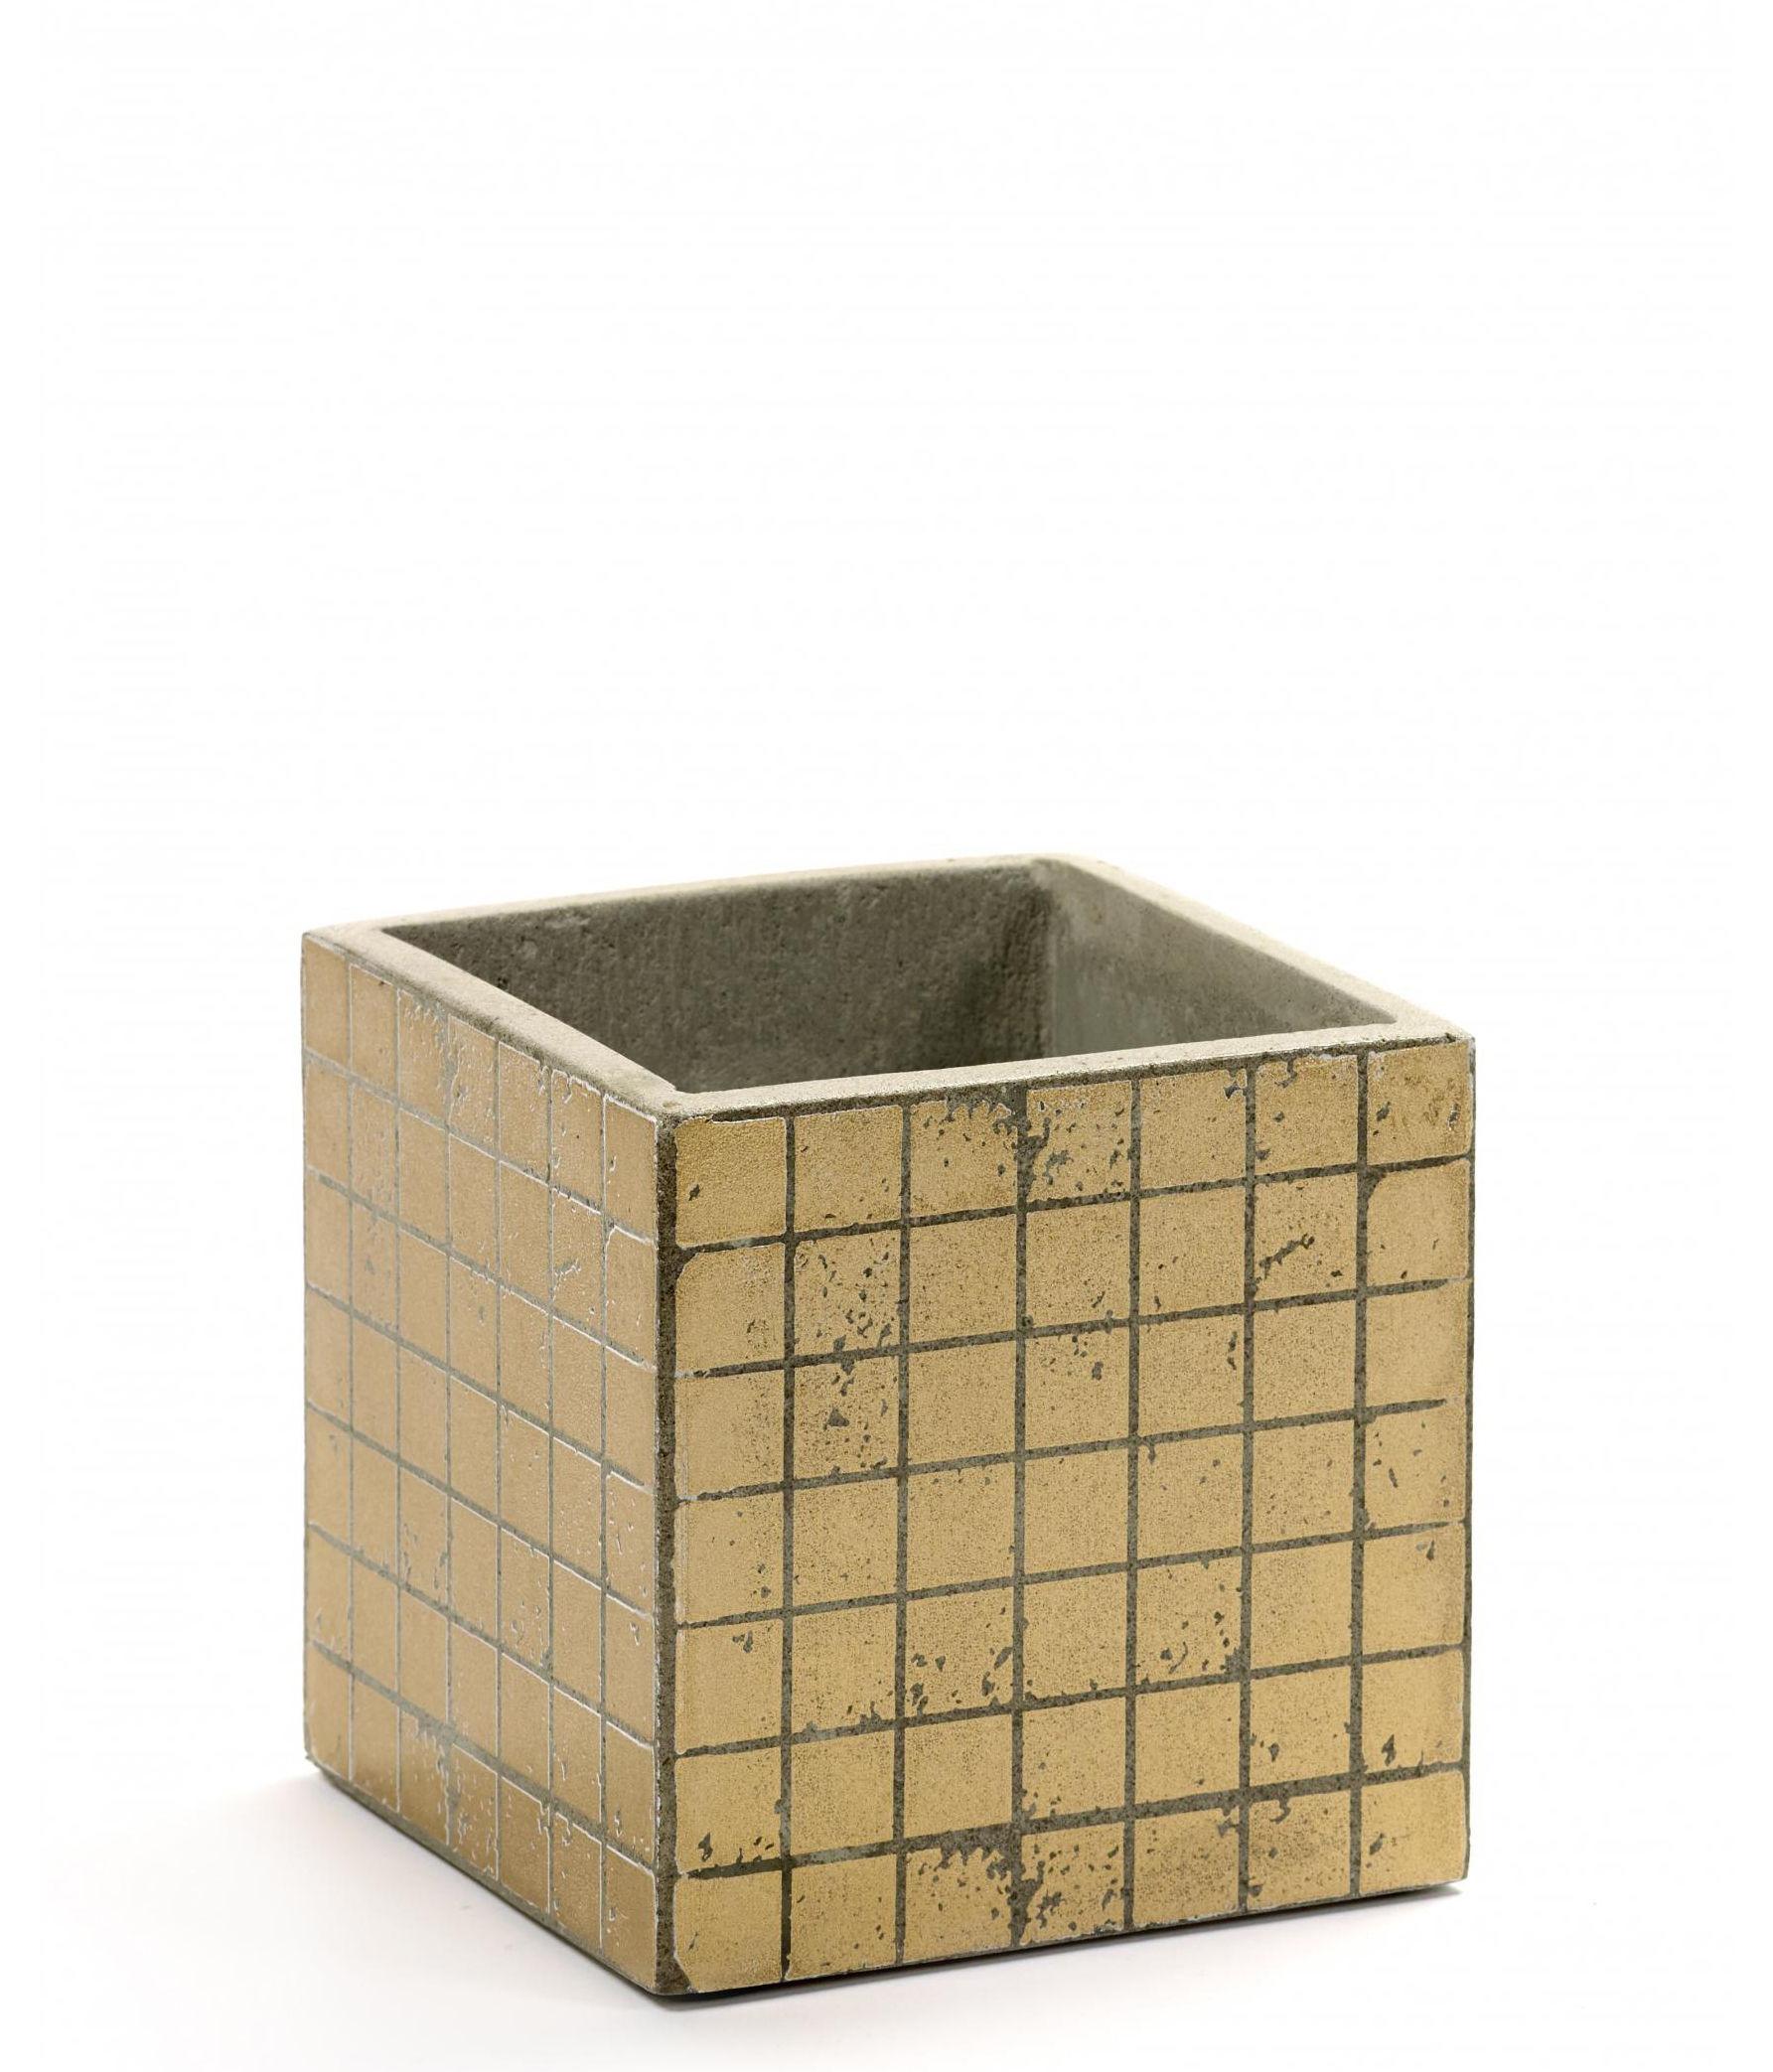 Outdoor - Pots et plantes - Pot Marie Mosaïque / 13 x 13 cm - Béton émaillé - Serax - Doré - Béton émaillé